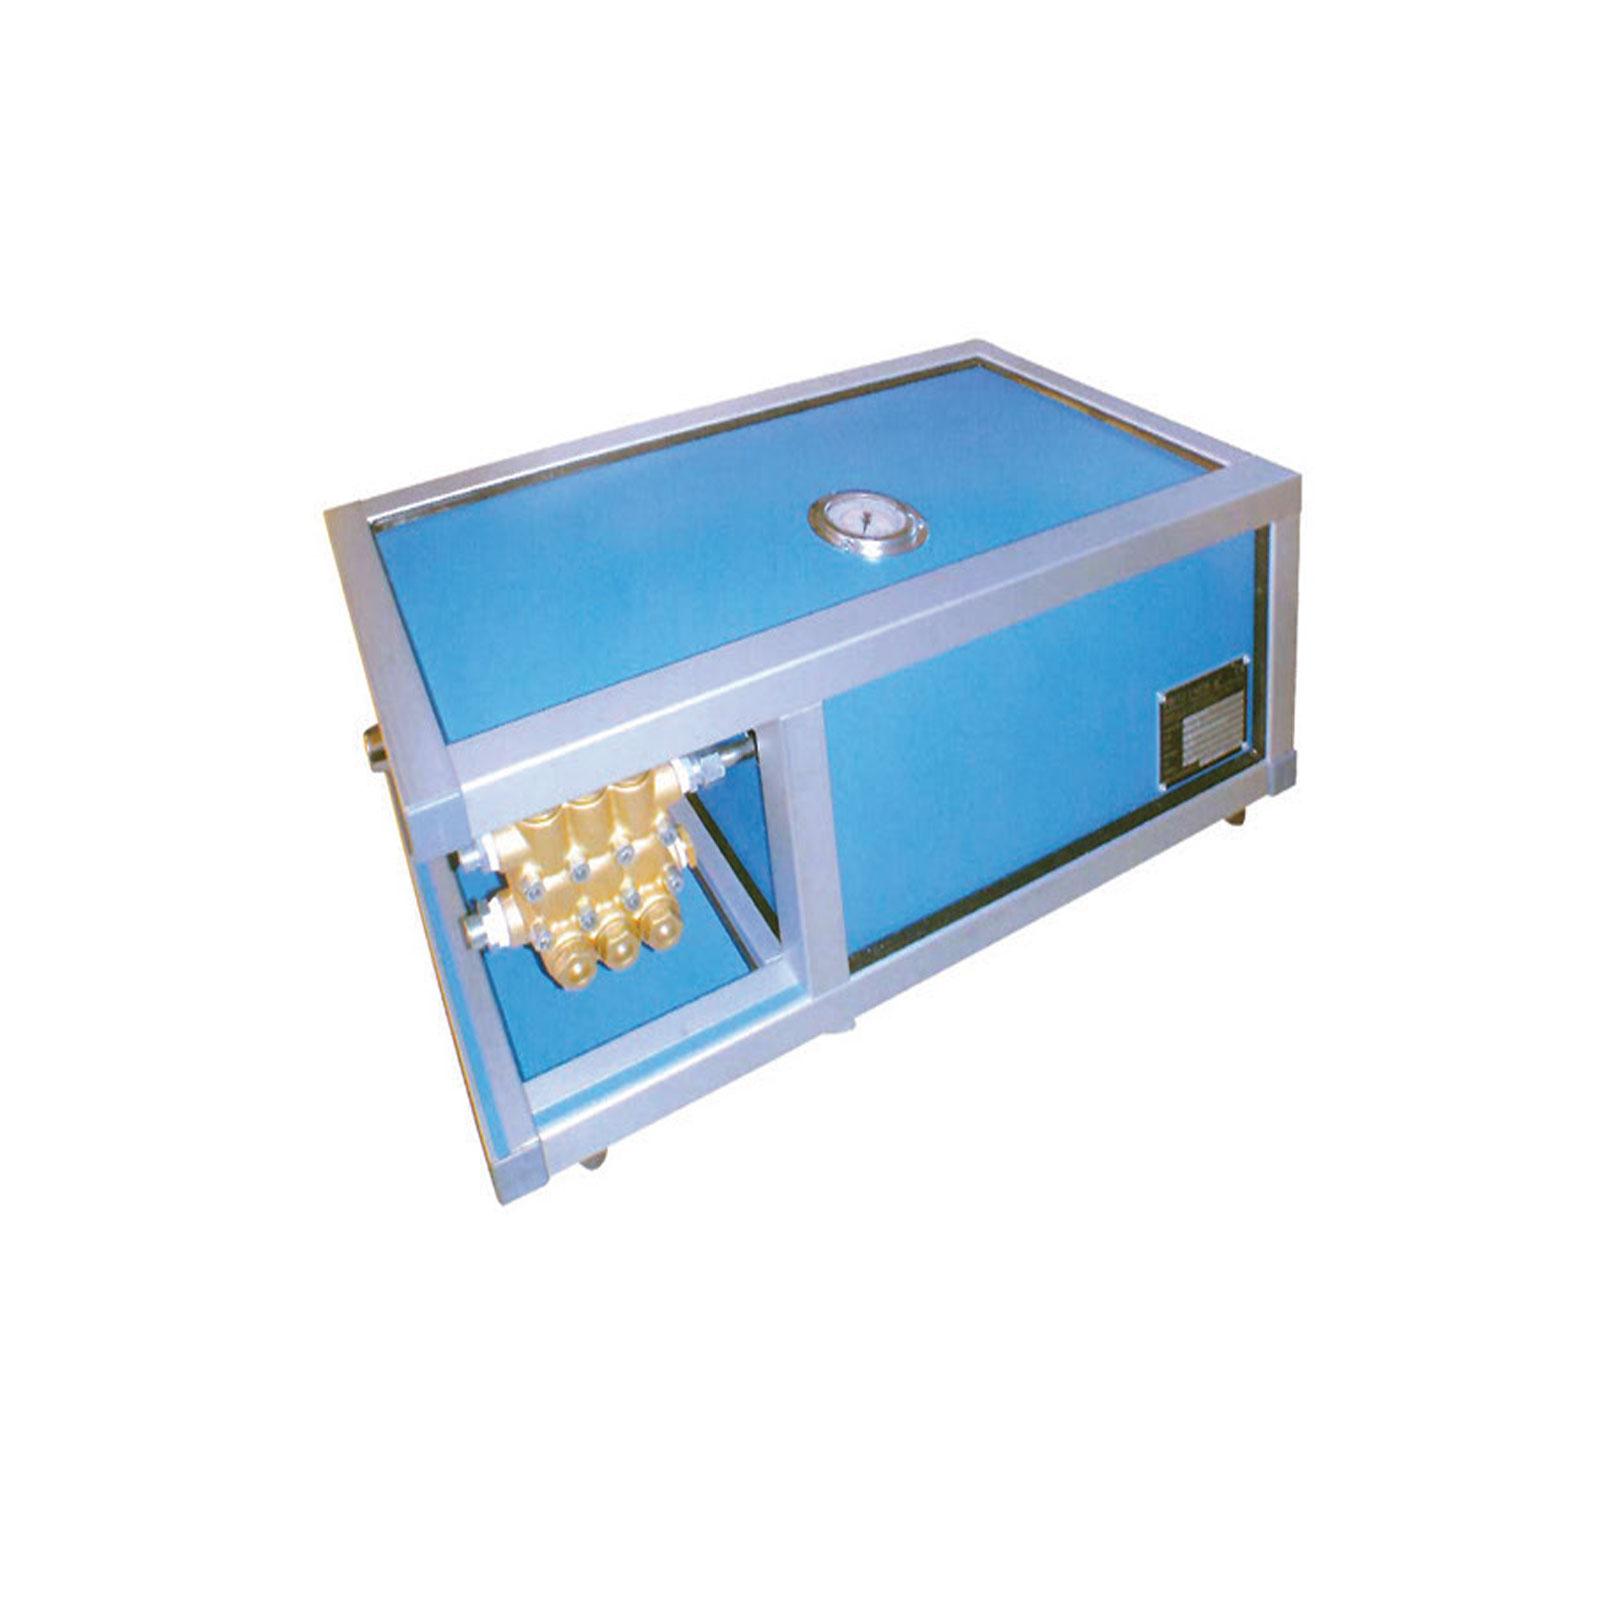 دستگاه شارژ ترکیبی CO2 و نیتروژن N2